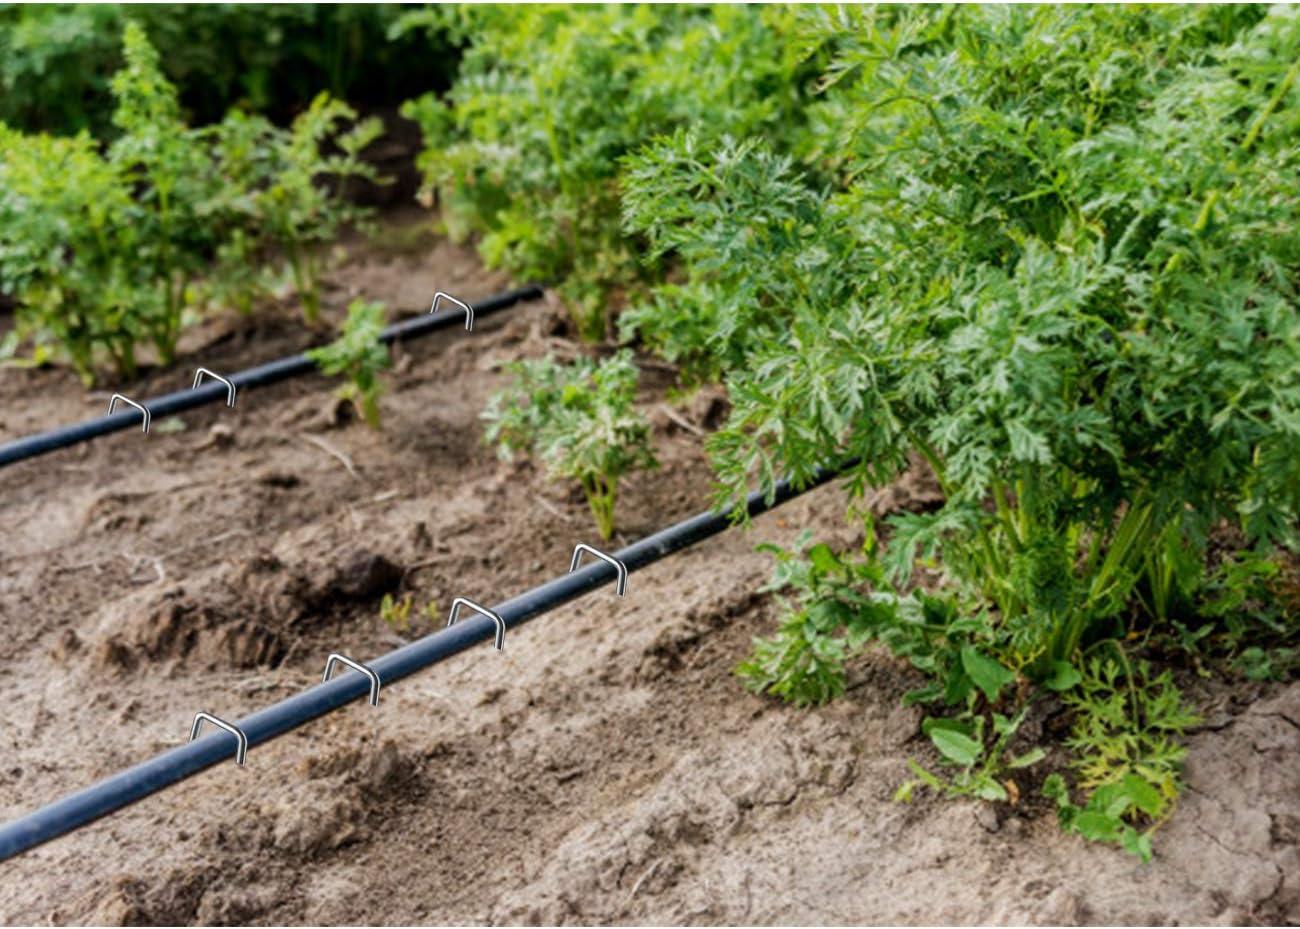 Pflanzen /Ø 3.8 MM 25 MM Breit Dauerhaft Bodenanker f/ür Z/äune Anti-rost Erdanker und Garten Heftklammern Sicherung von Unkrautvlies Schl/äuchen 200 MM Lang